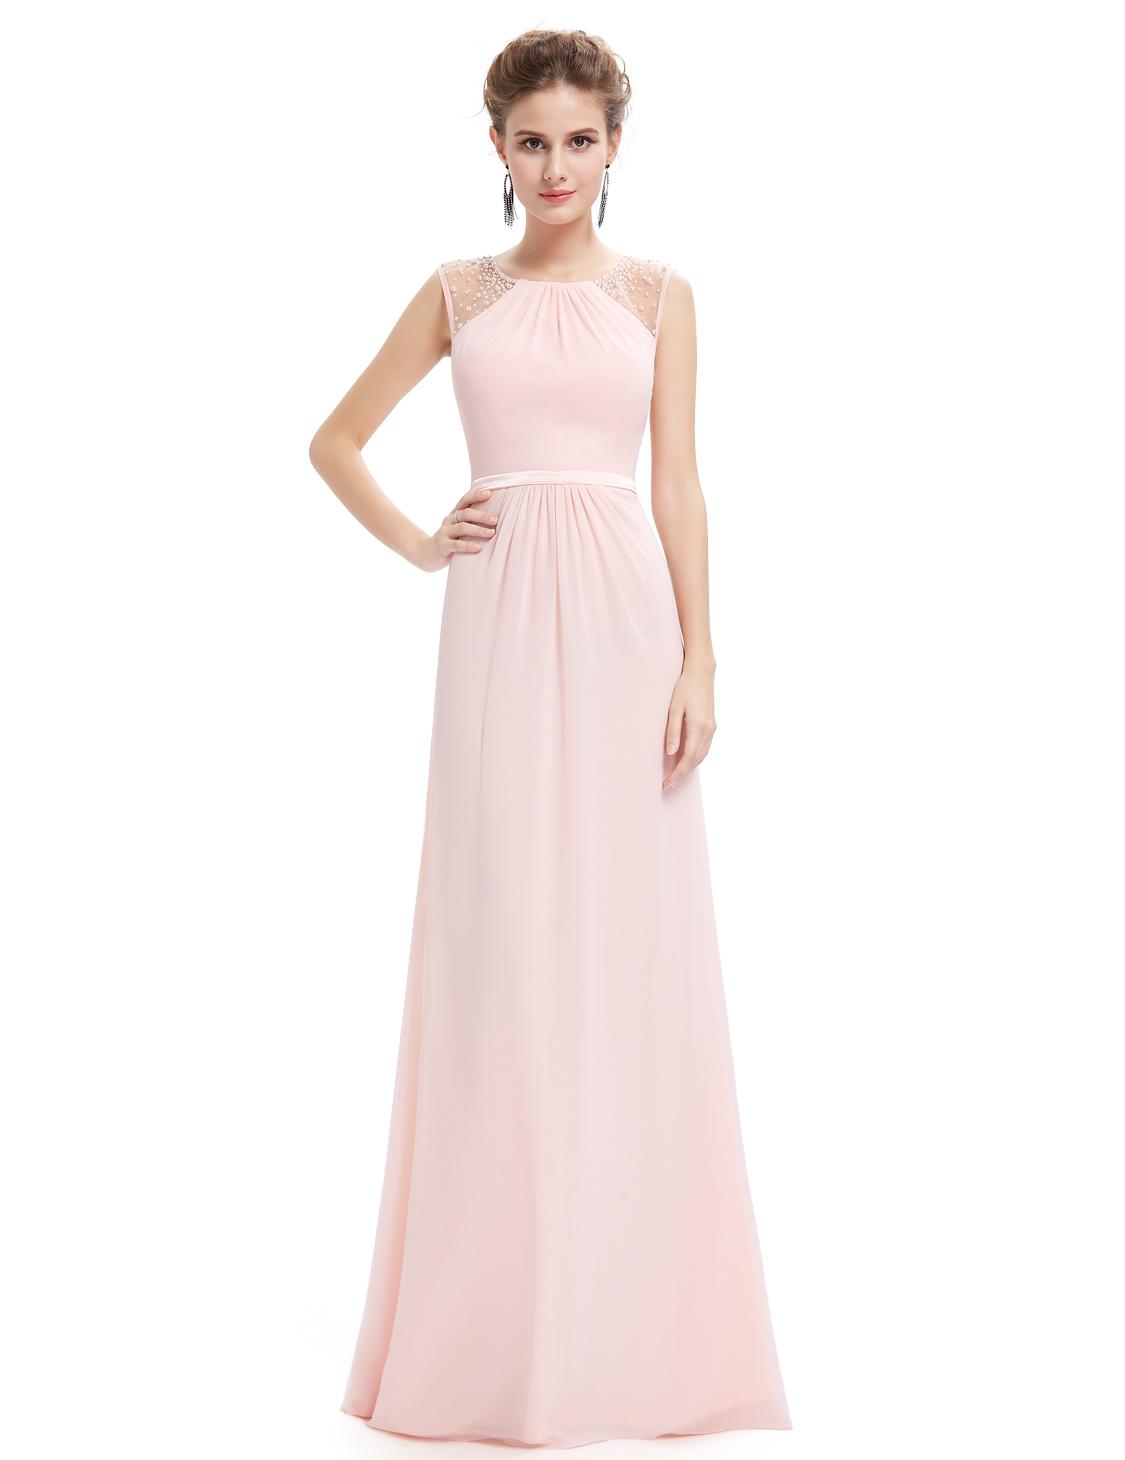 Růžové dlouhé společenské svatební šaty na hrubší ramínka 38 M ... 79d19b40f2